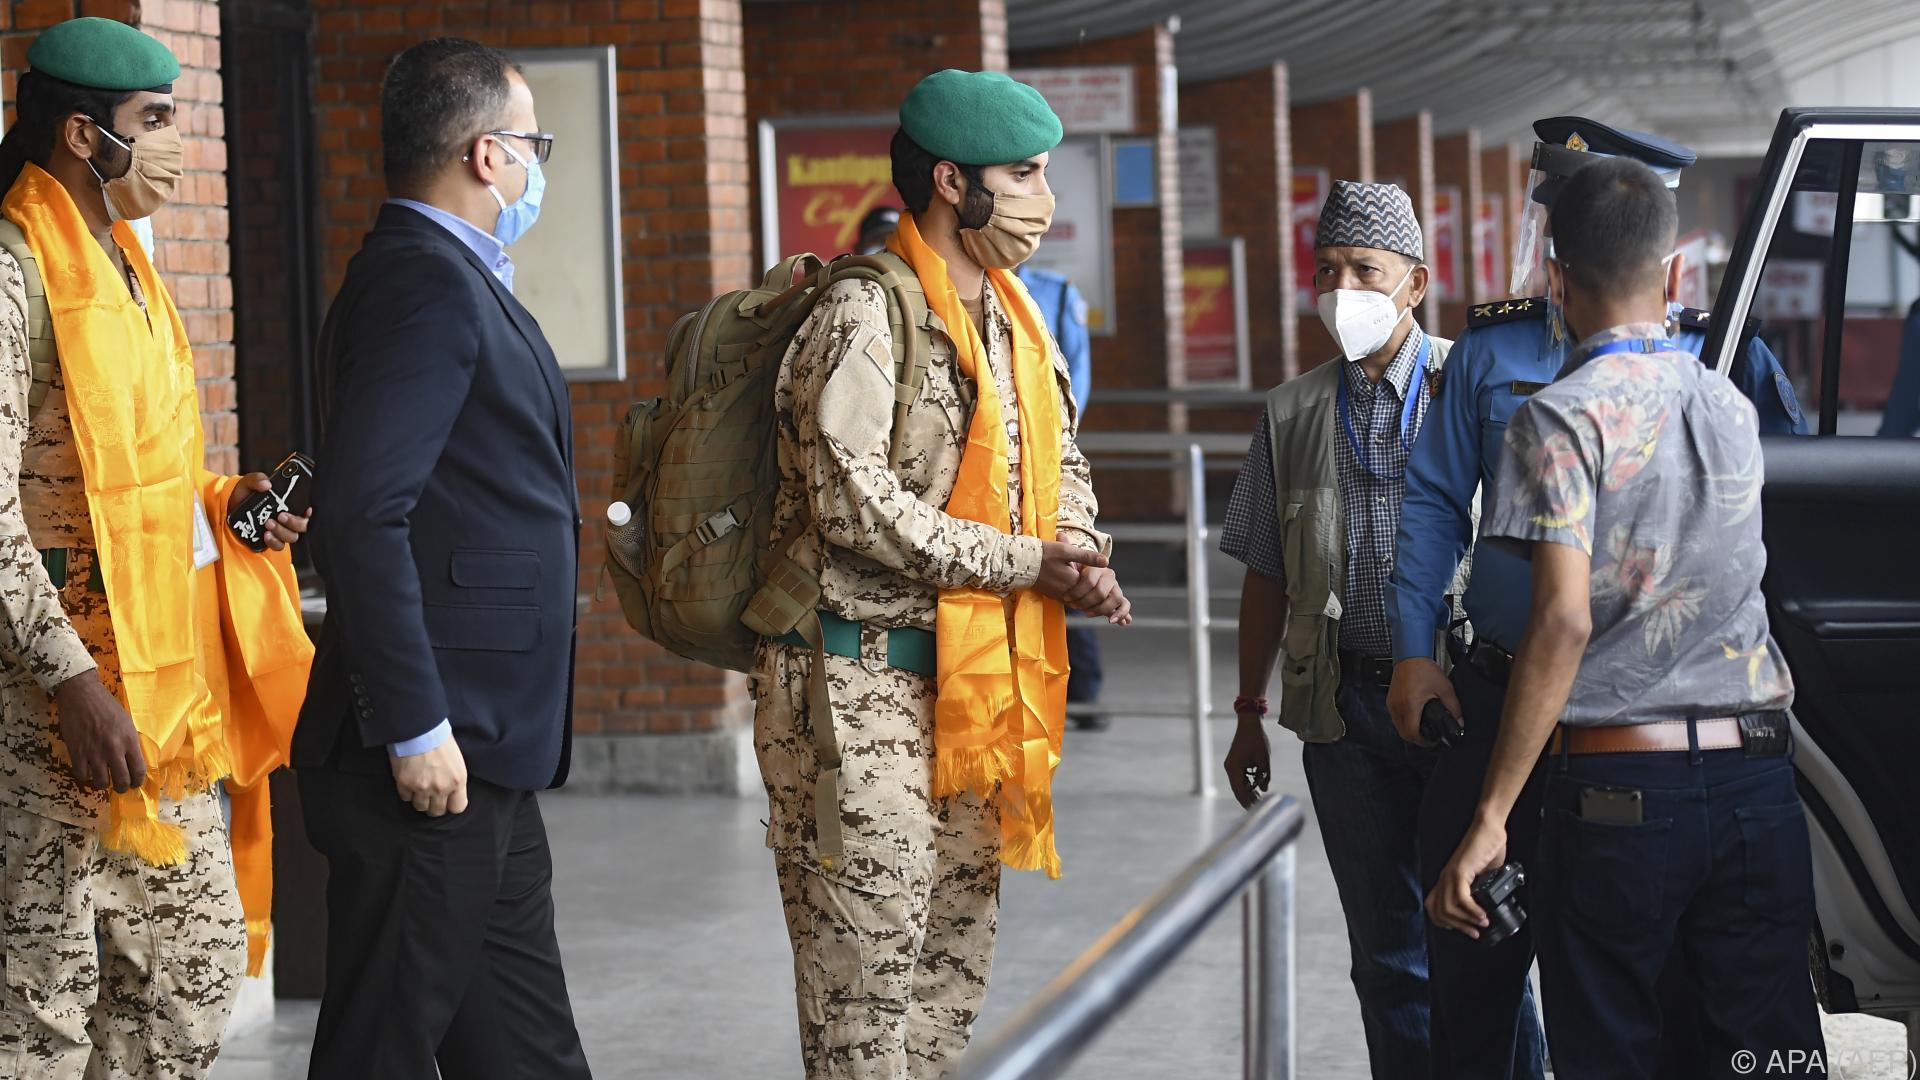 Prinz aus Bahrain darf heuer als erster auf Himalaya-Berge